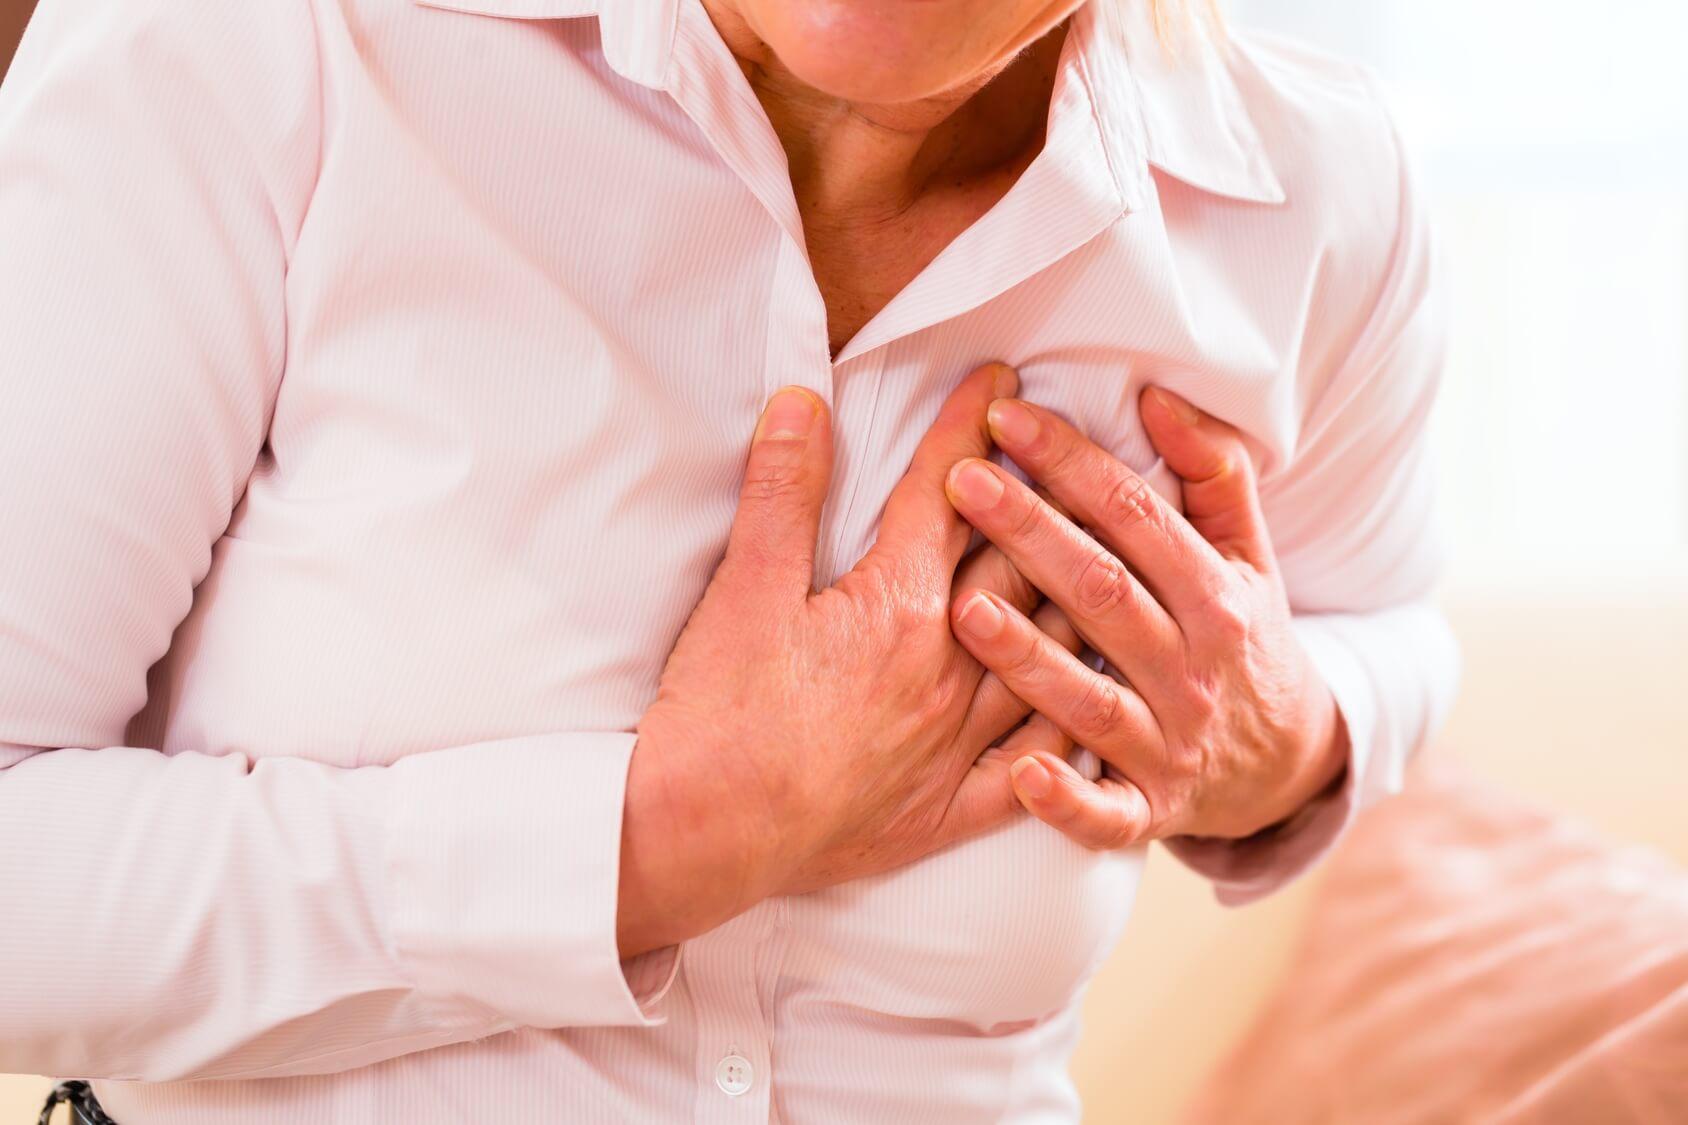 Диффузная фиброзно-кистозная мастопатия: признаки, лечение и прогноз